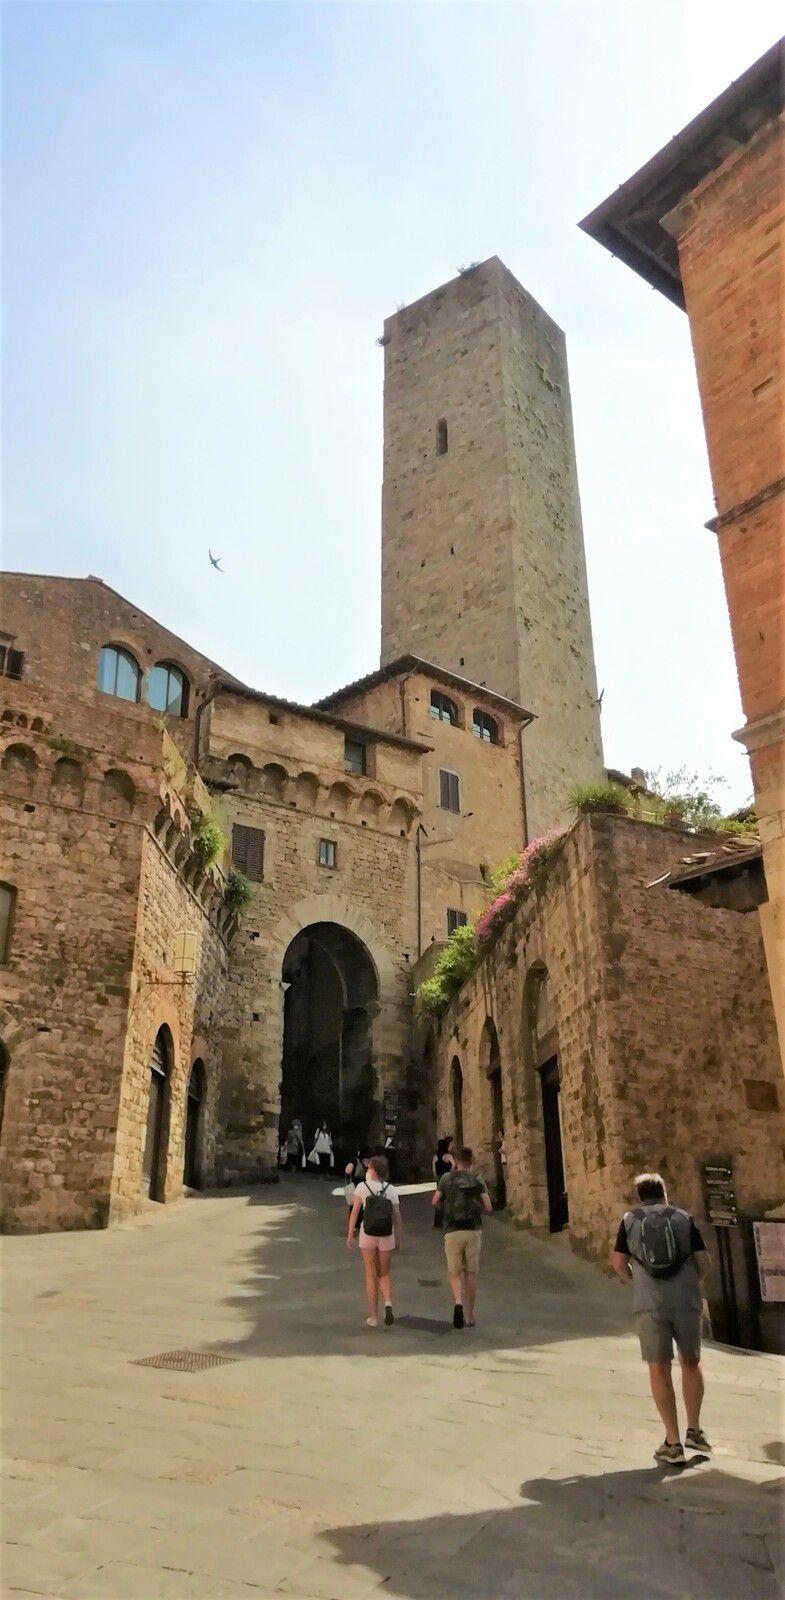 ITALIE - Toscane - Villages et Paysages du Chianti (4)